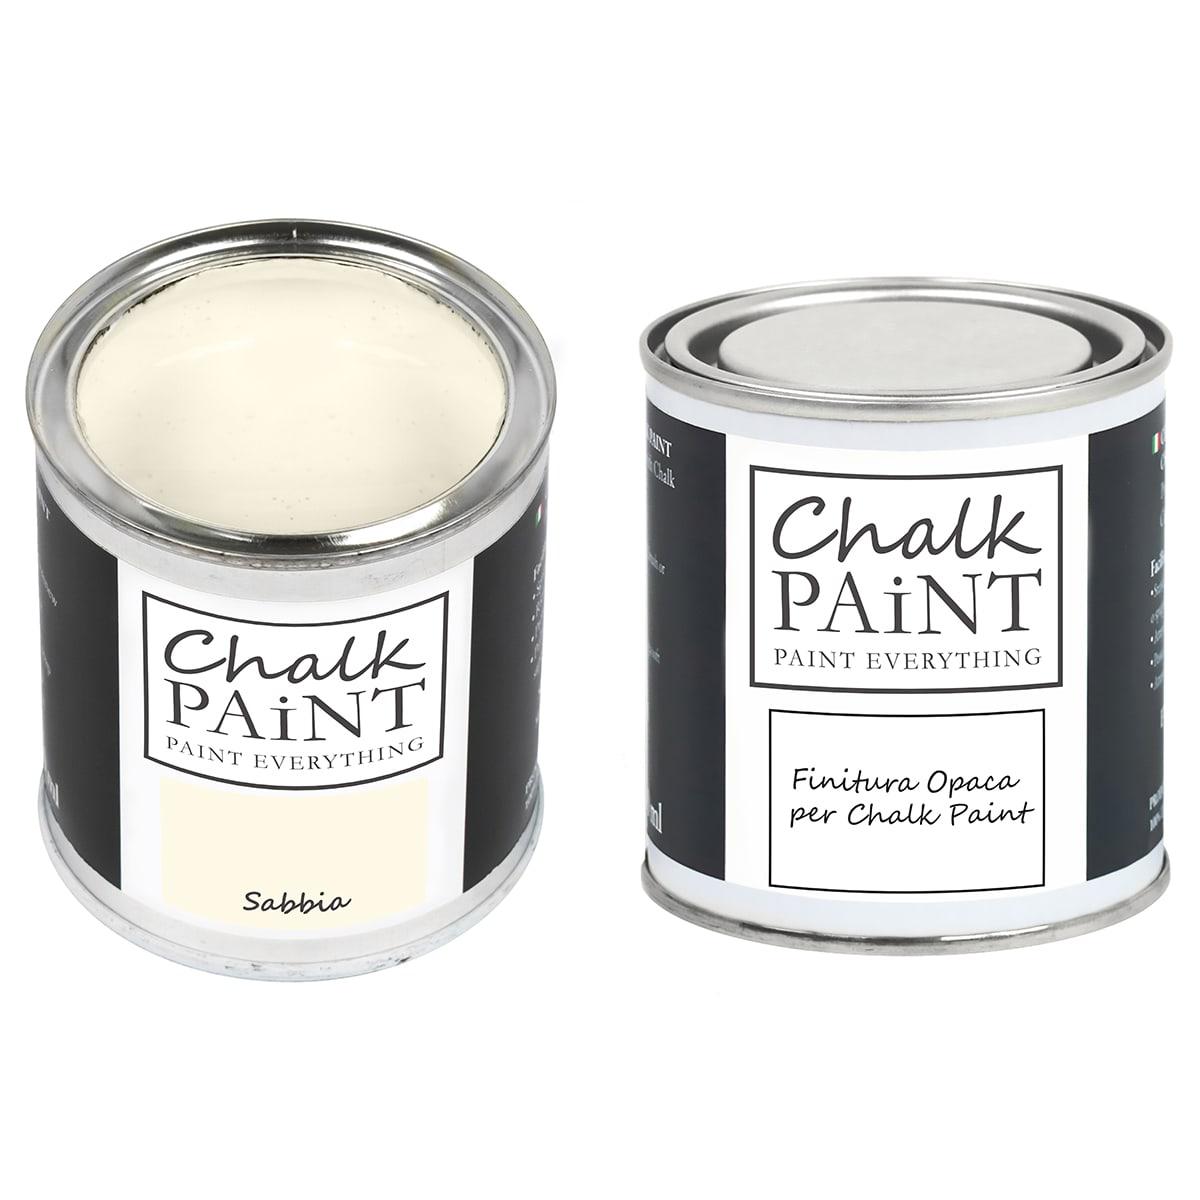 Chalk Paint Sabbia + finitura